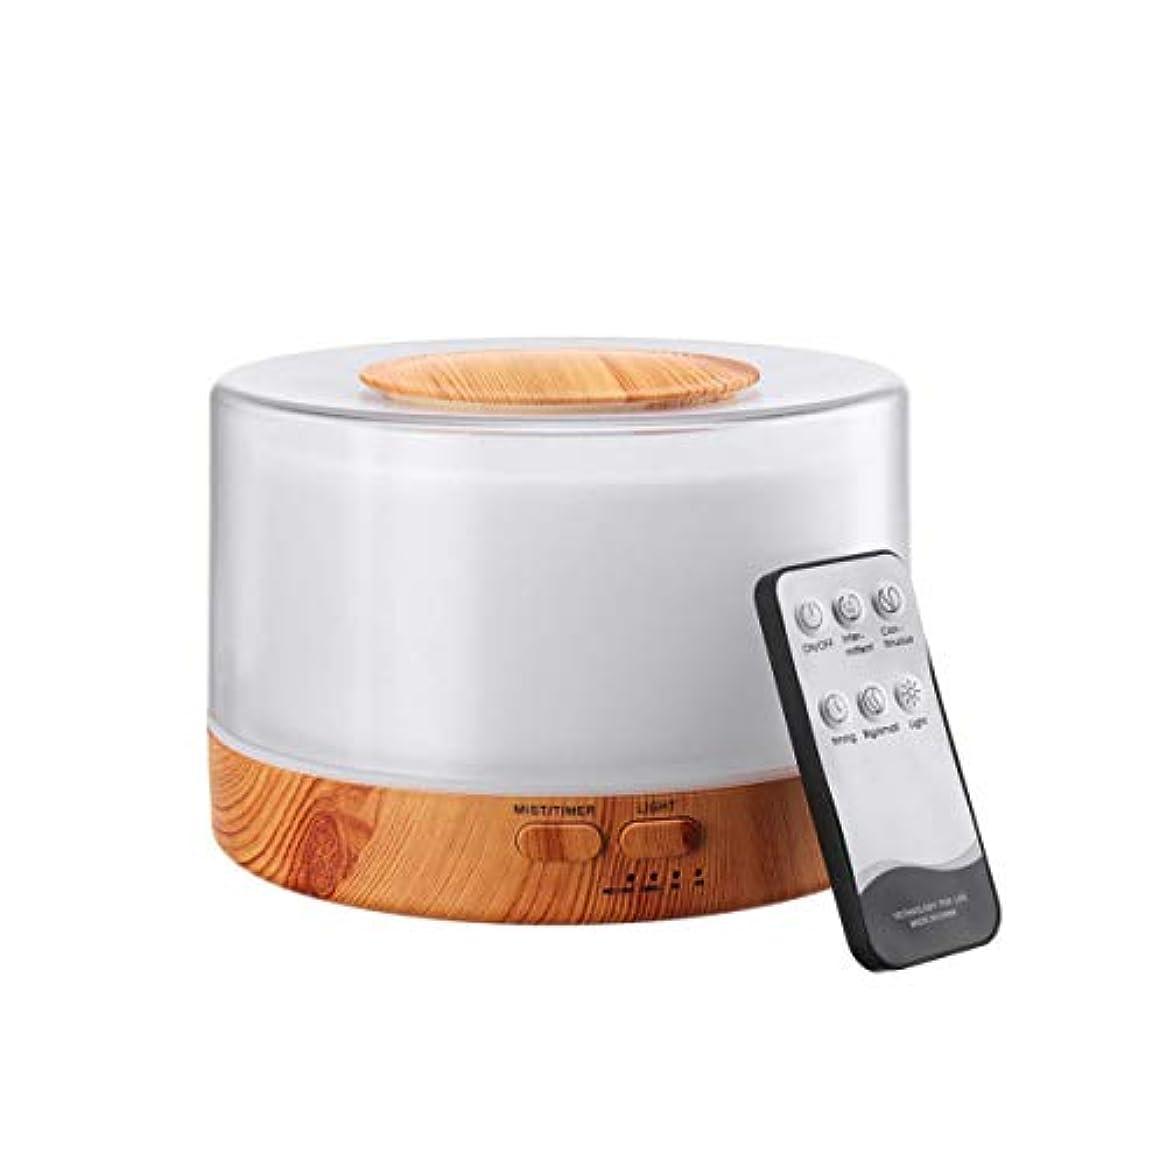 正午ハッチ乙女Healifty Essential Oil Diffuser Cool Mist Air Humidifier Aroma Atomizer Aromatherapy for Bedroom Office 700ml...